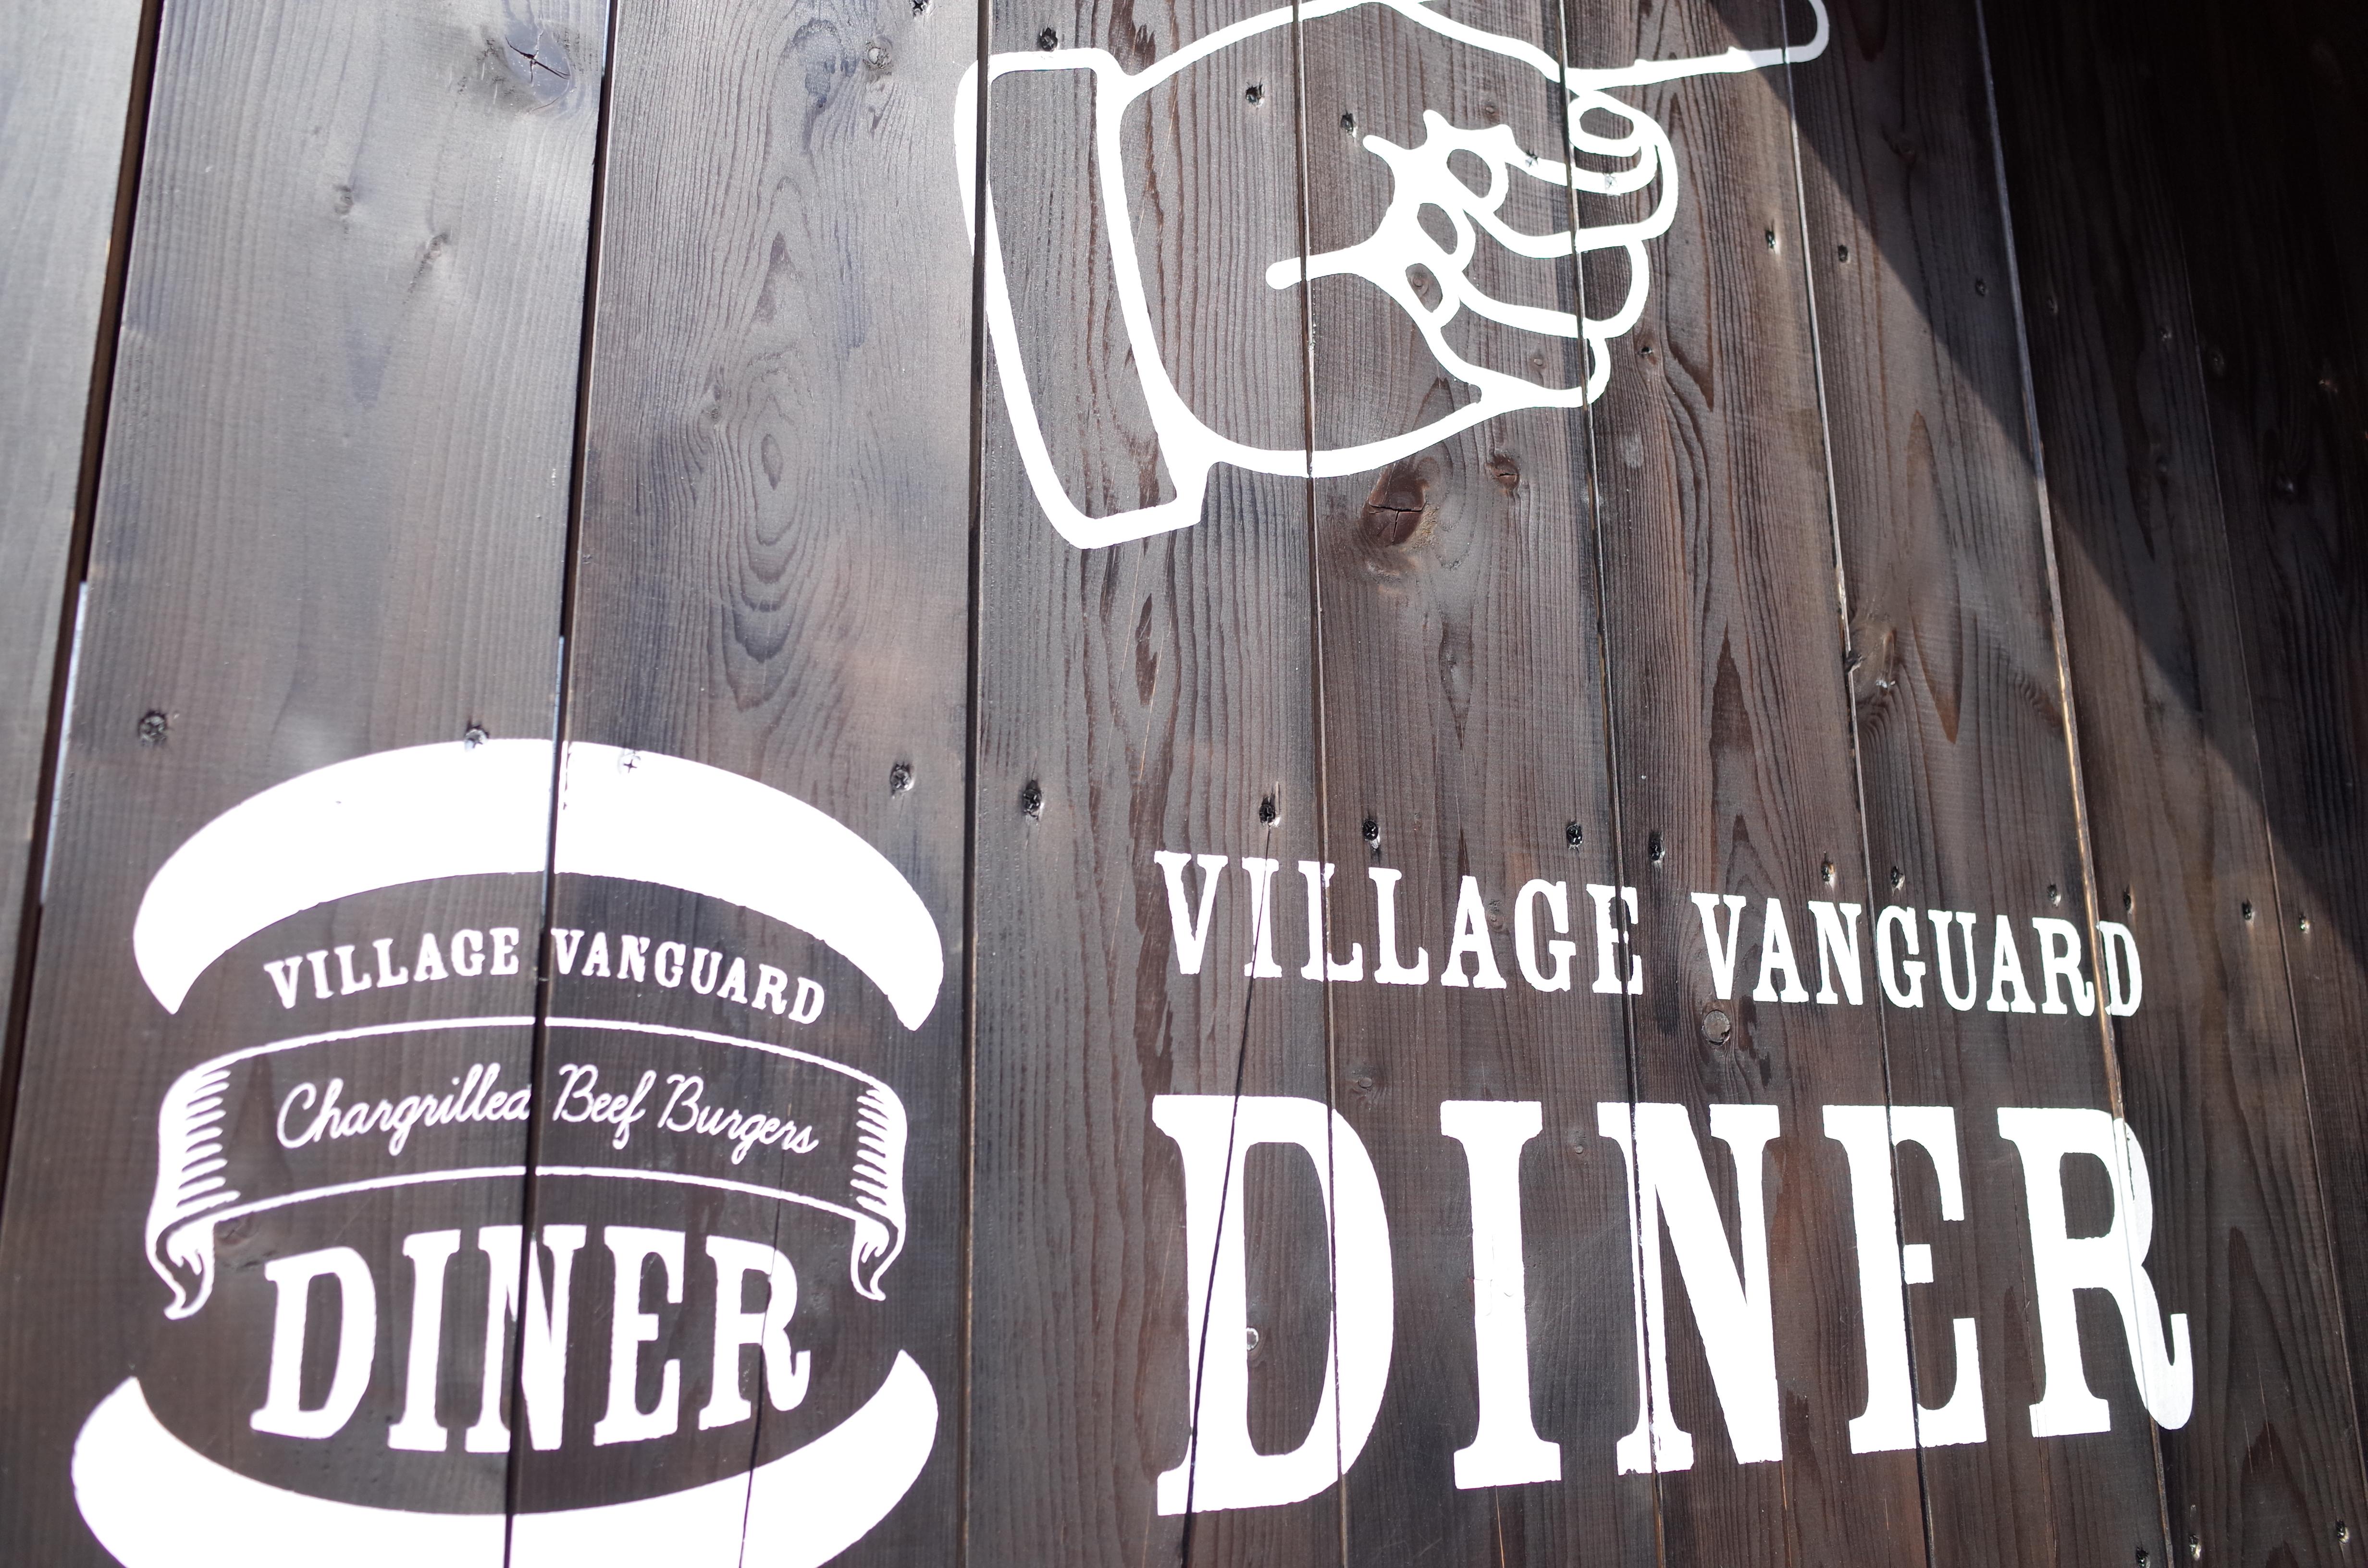 吉祥寺 ヴィレッジバンガードダイナーでボリューム満点のハンバーガーを堪能!